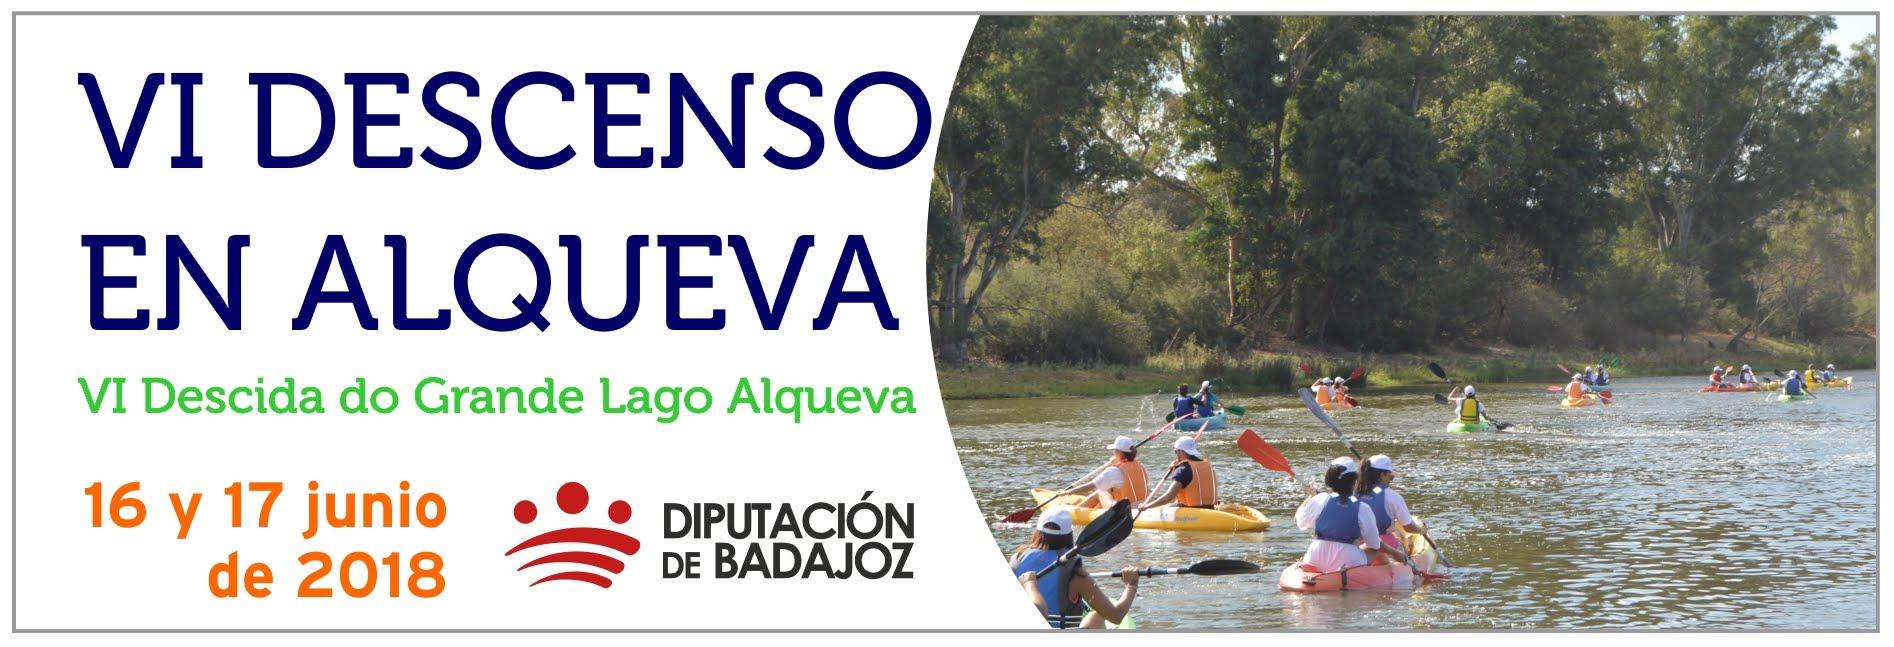 http://www.alcorextremadura.org/eventos-y-promocion/descenso-alqueva